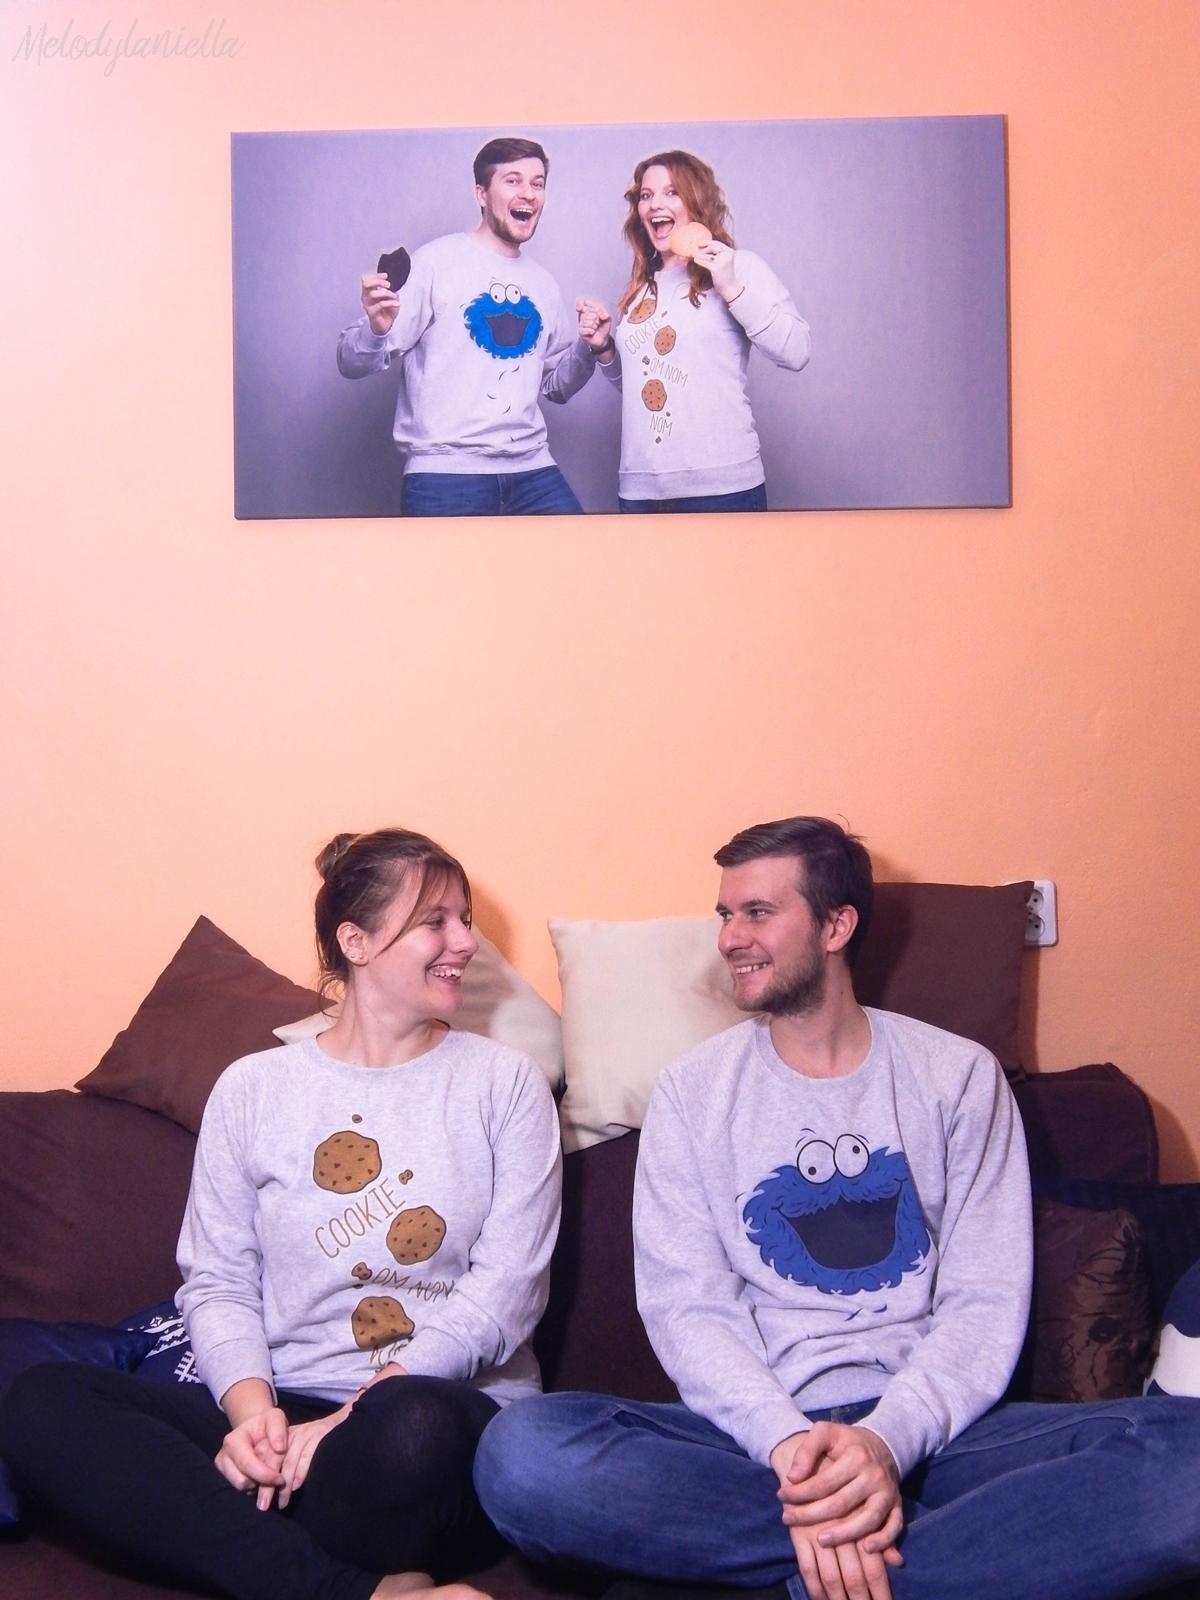 fotoobraz dekoracja do salonu pokoj wystroj wnetrz fotoobraz na plotnie melodylaniella foto4u